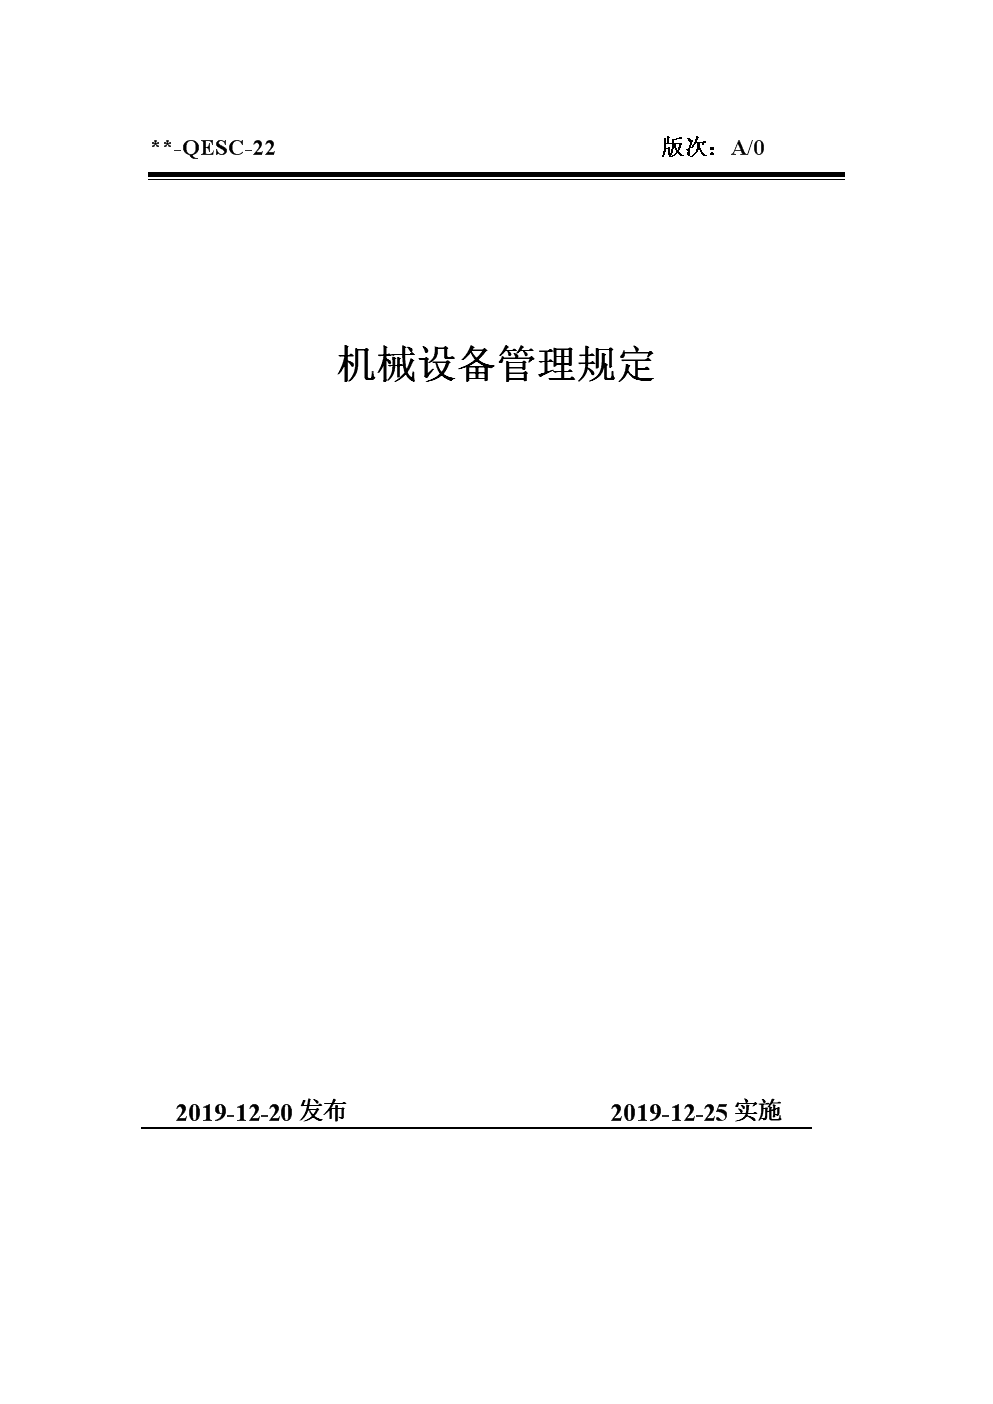 qesc-22机械设备管理规定(EPC三标体系-作业文件)3-9.doc